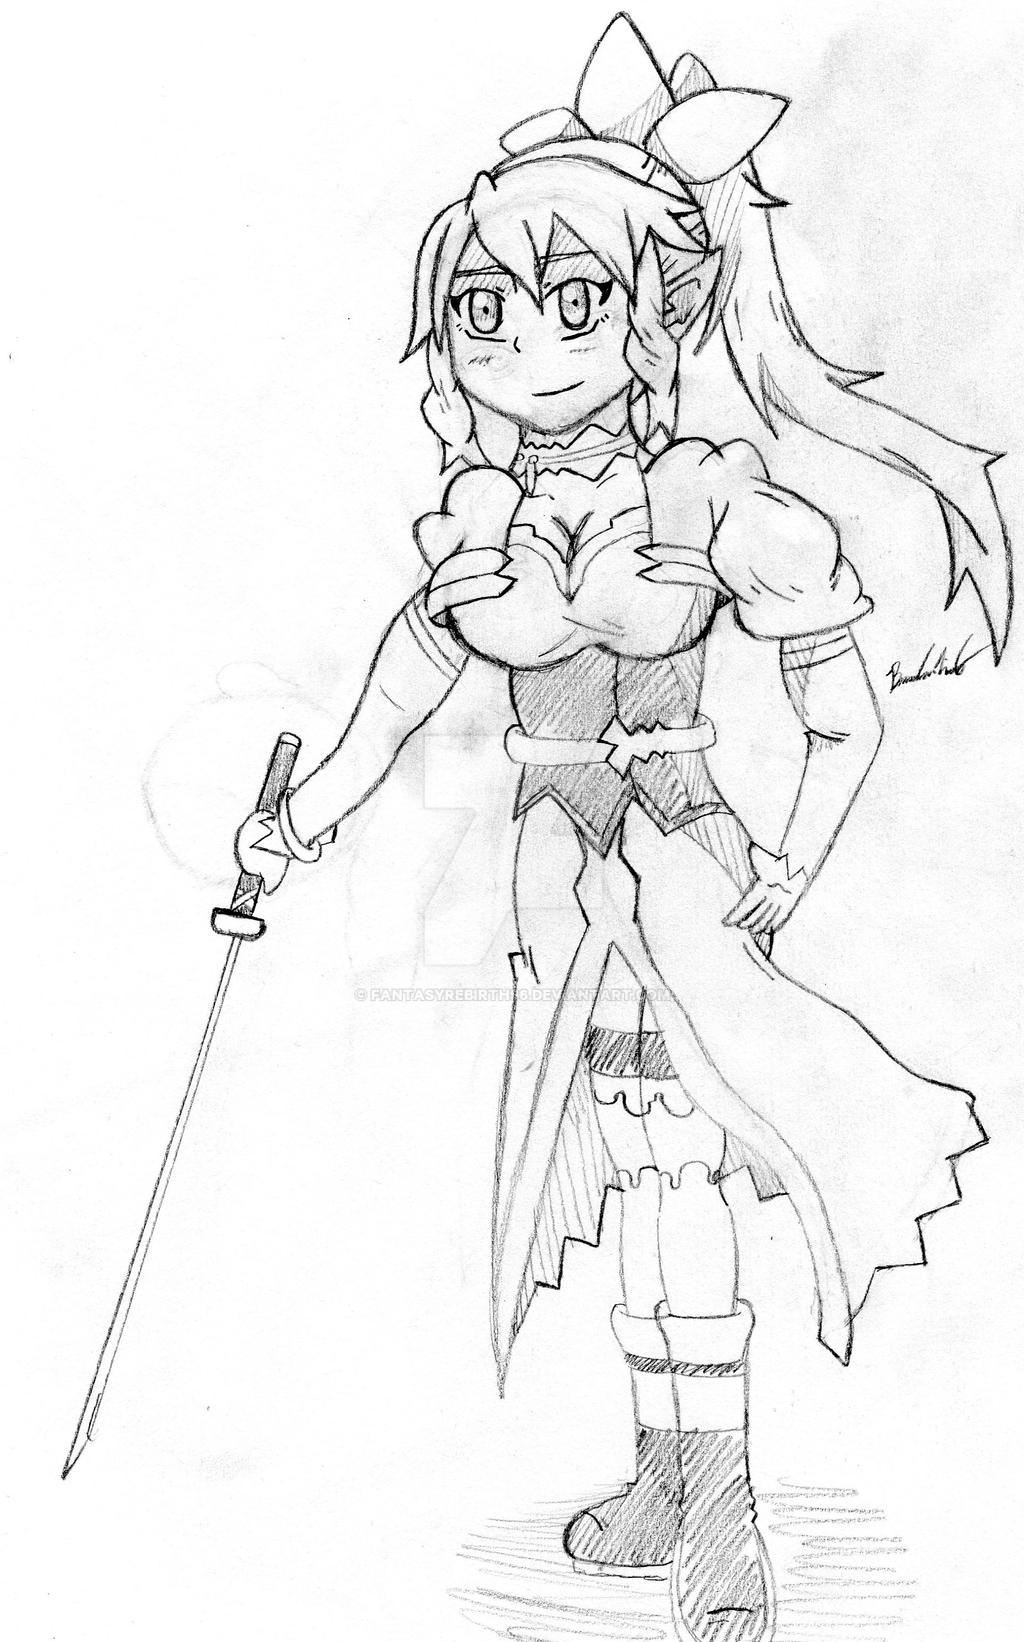 Leafa doodle2 by FantasyRebirth96